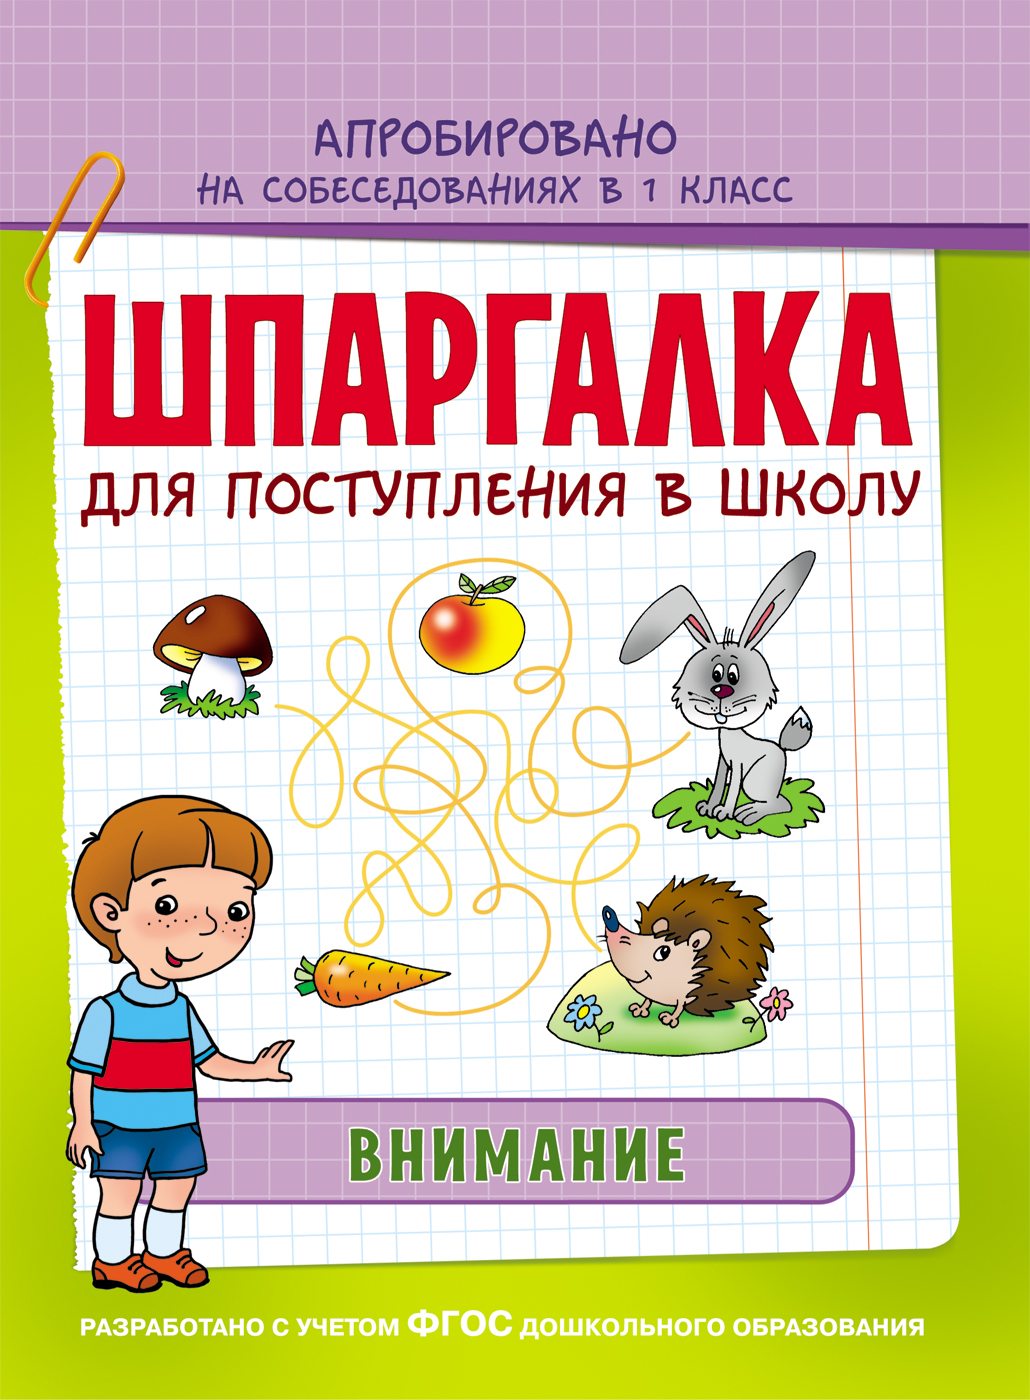 Книга серии Шпаргалка - ВниманиеОбучающие книги и задания<br>Книга серии Шпаргалка - Внимание<br>